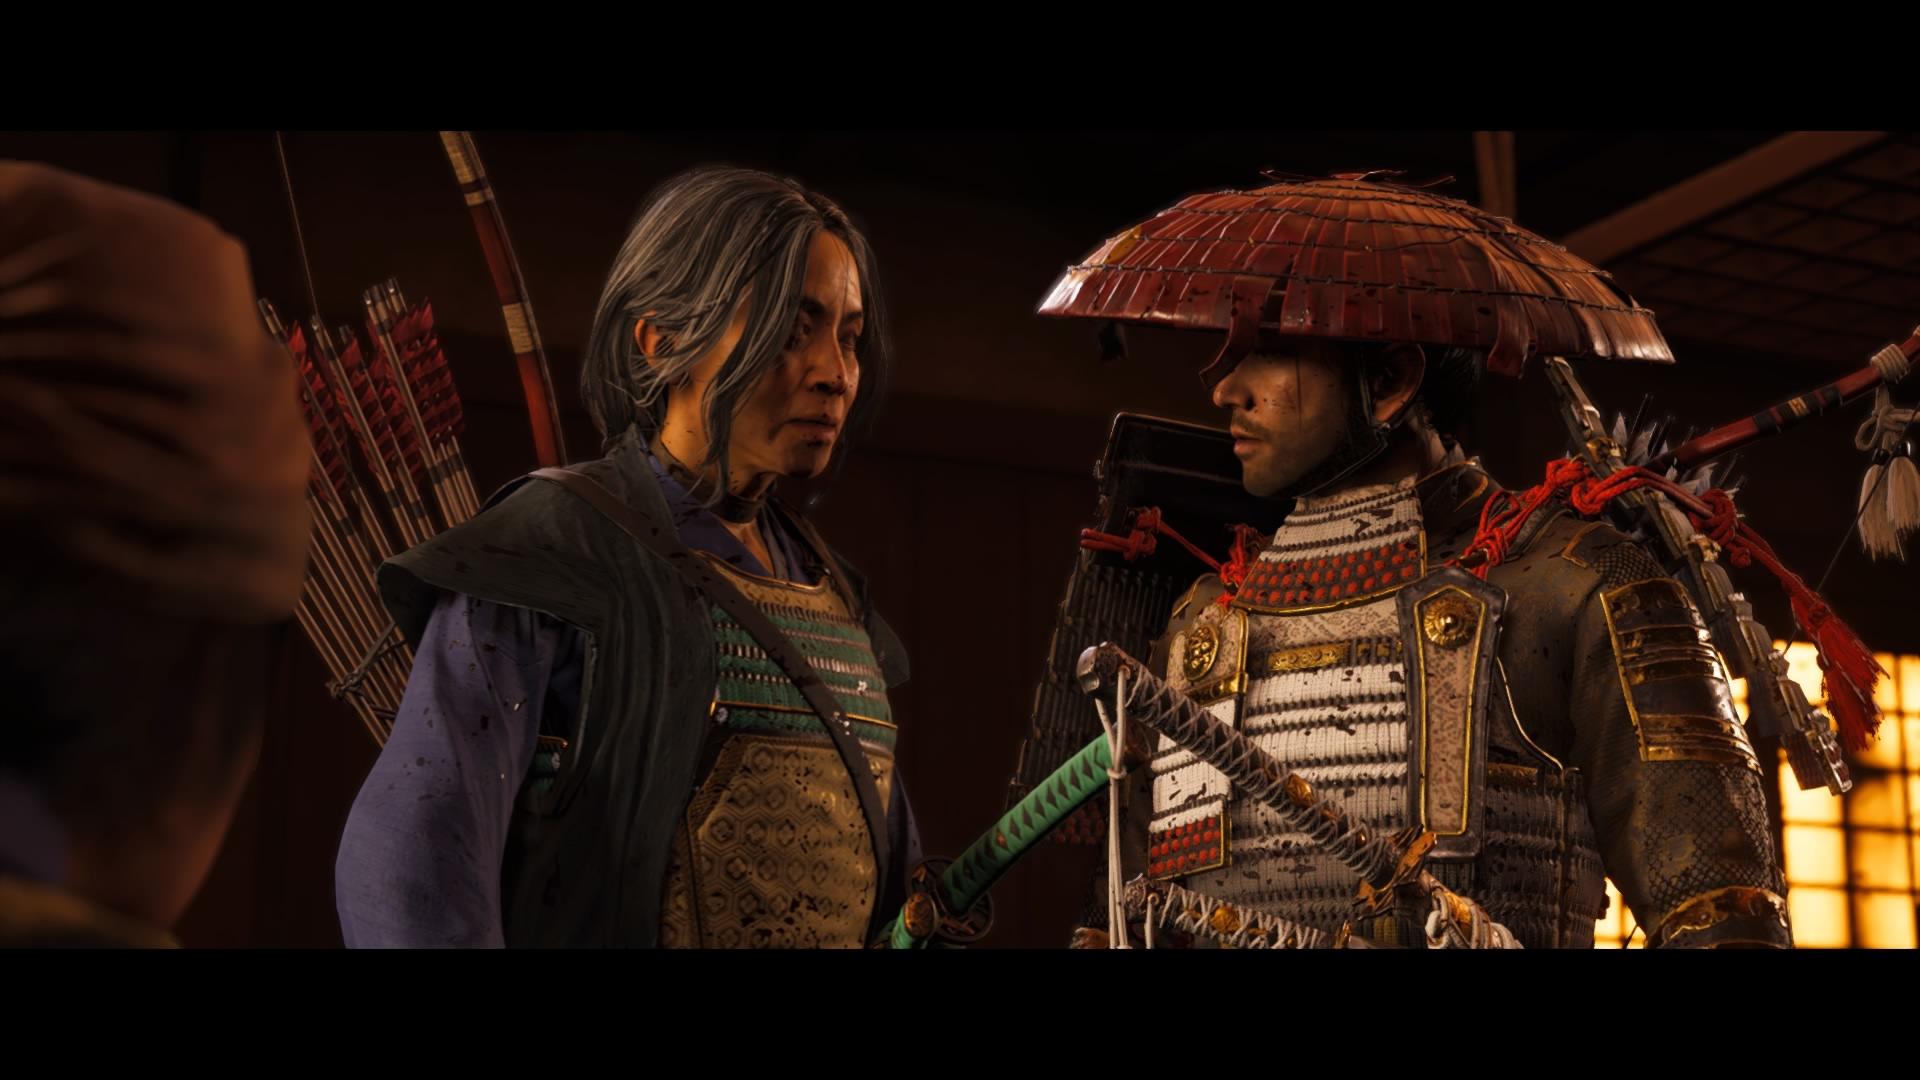 遊戲中任何對話選項或是任務順序,並不會影響到最終的多結局,而是單純改變對話內容而已(圖源:PS4 Pro)